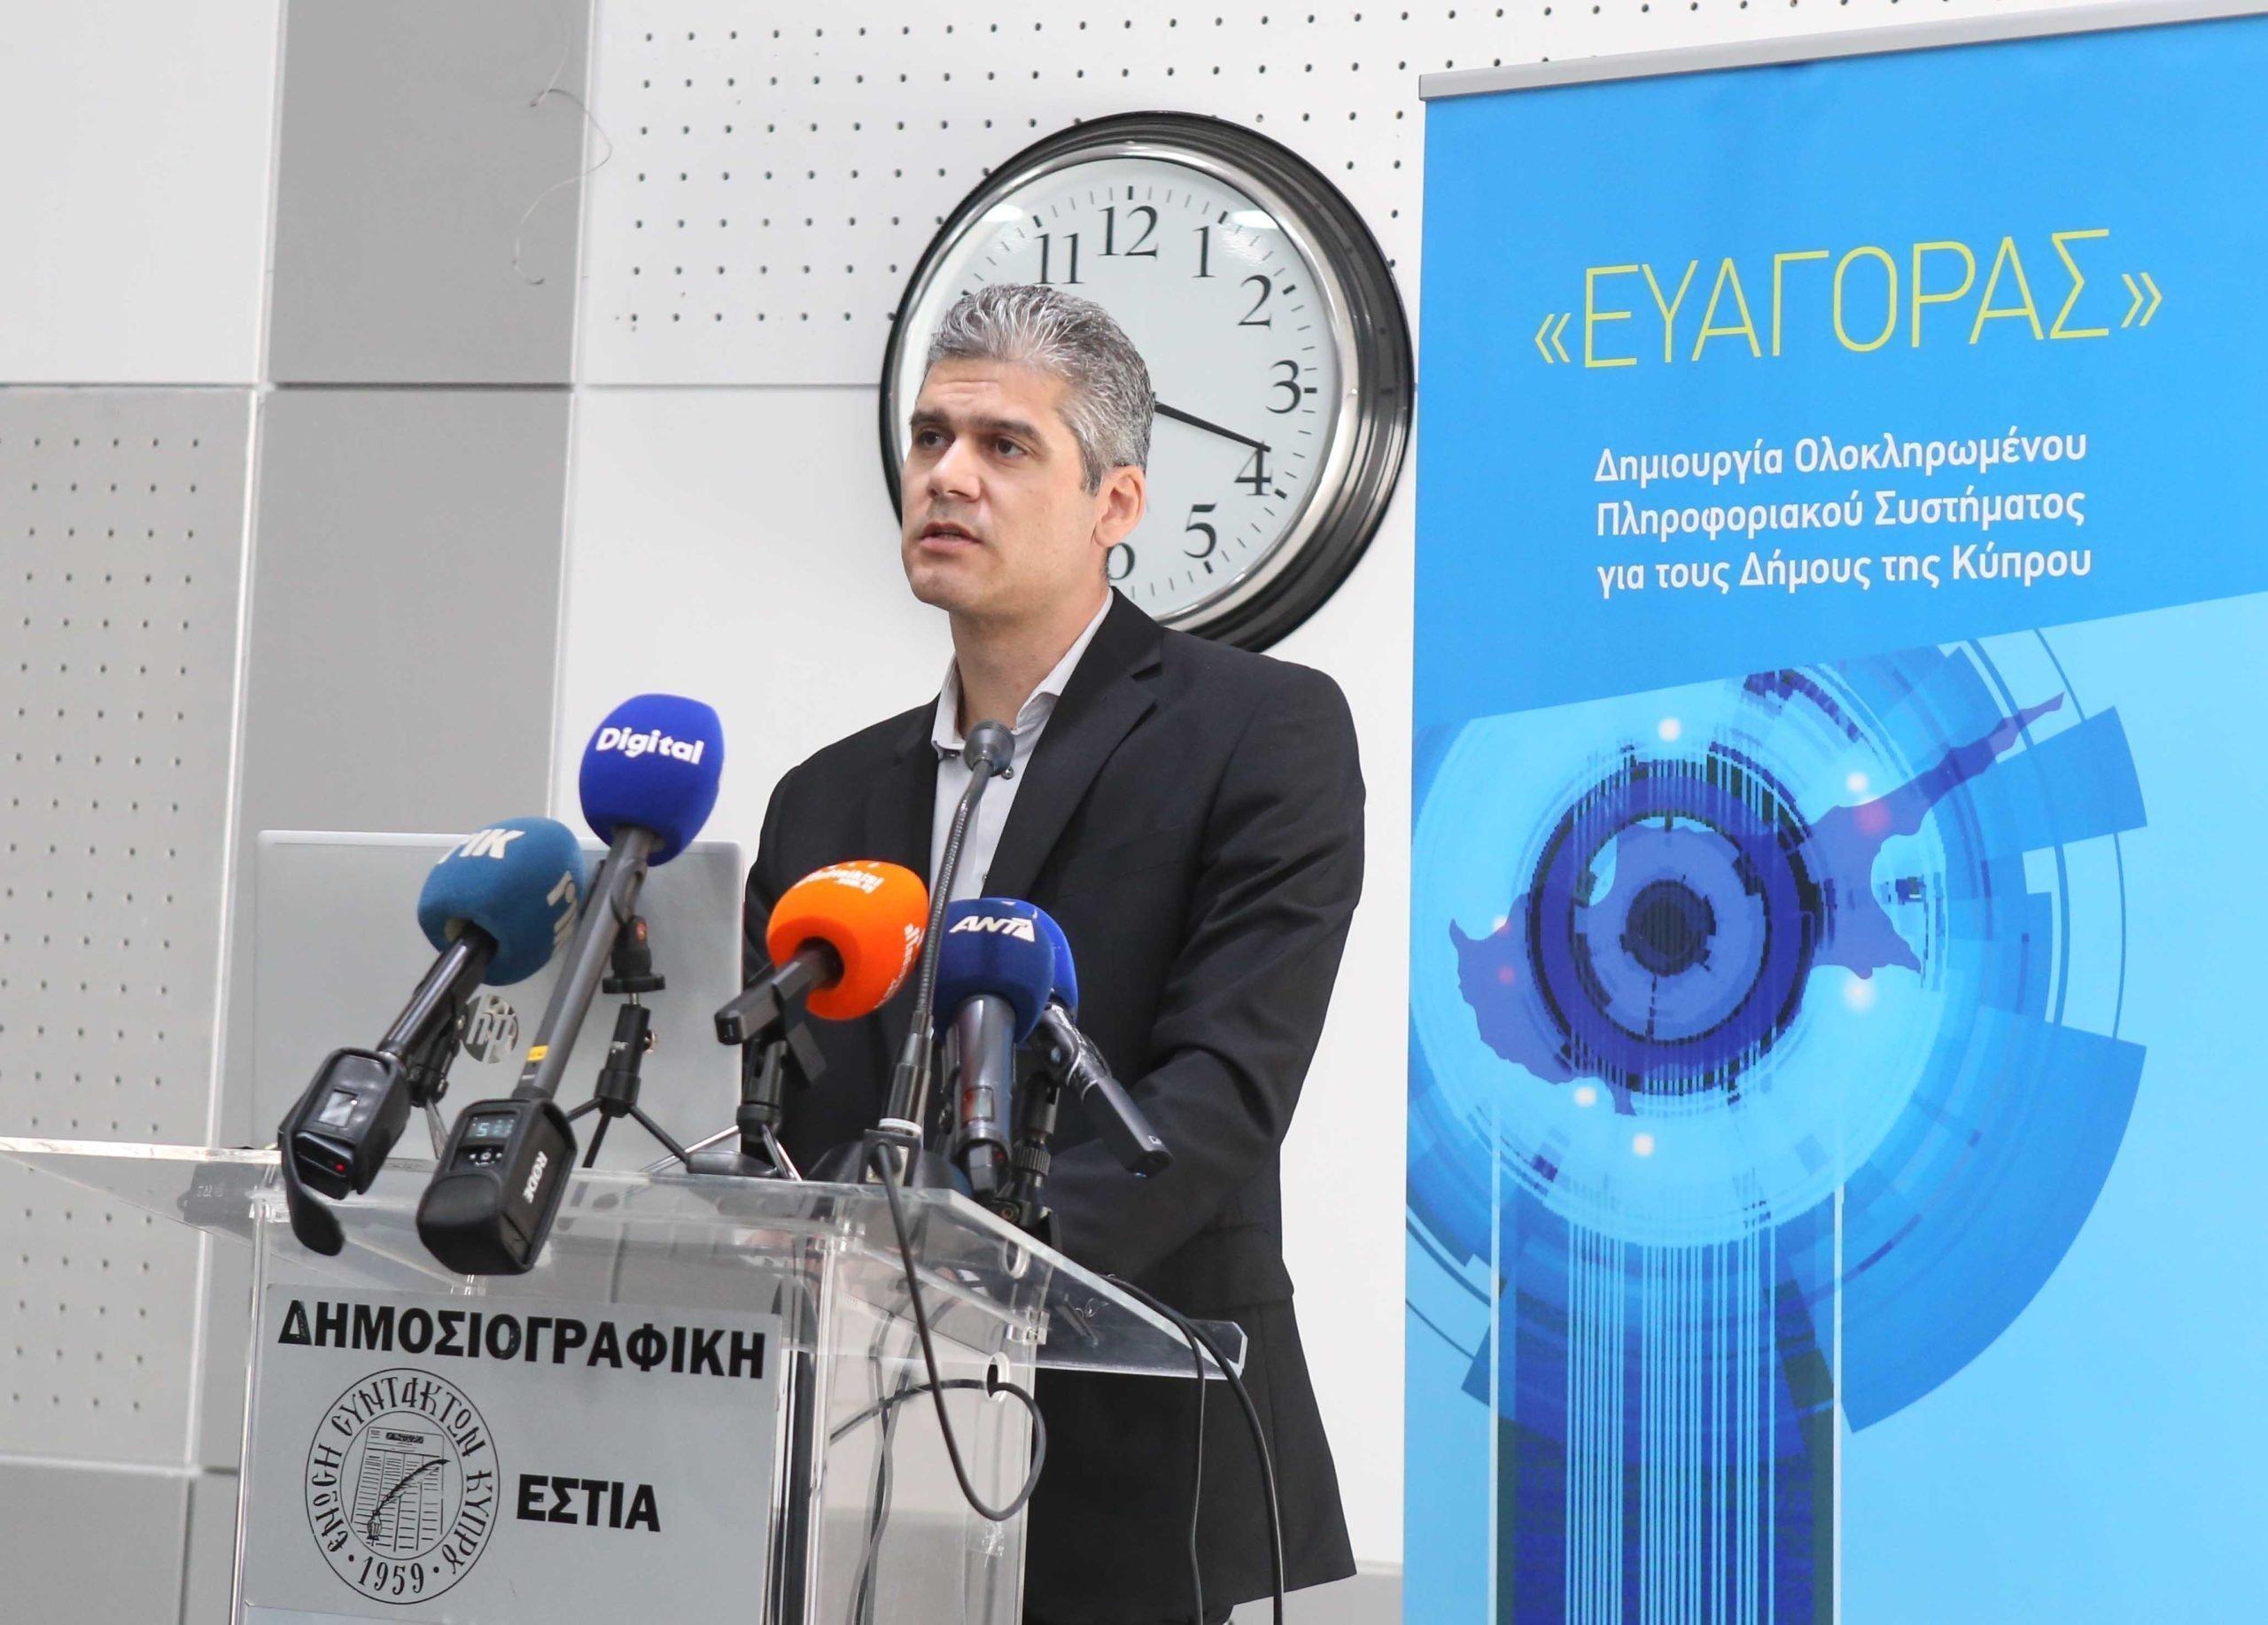 Enosi Dimon Evagoras Vyras 1 Scaled